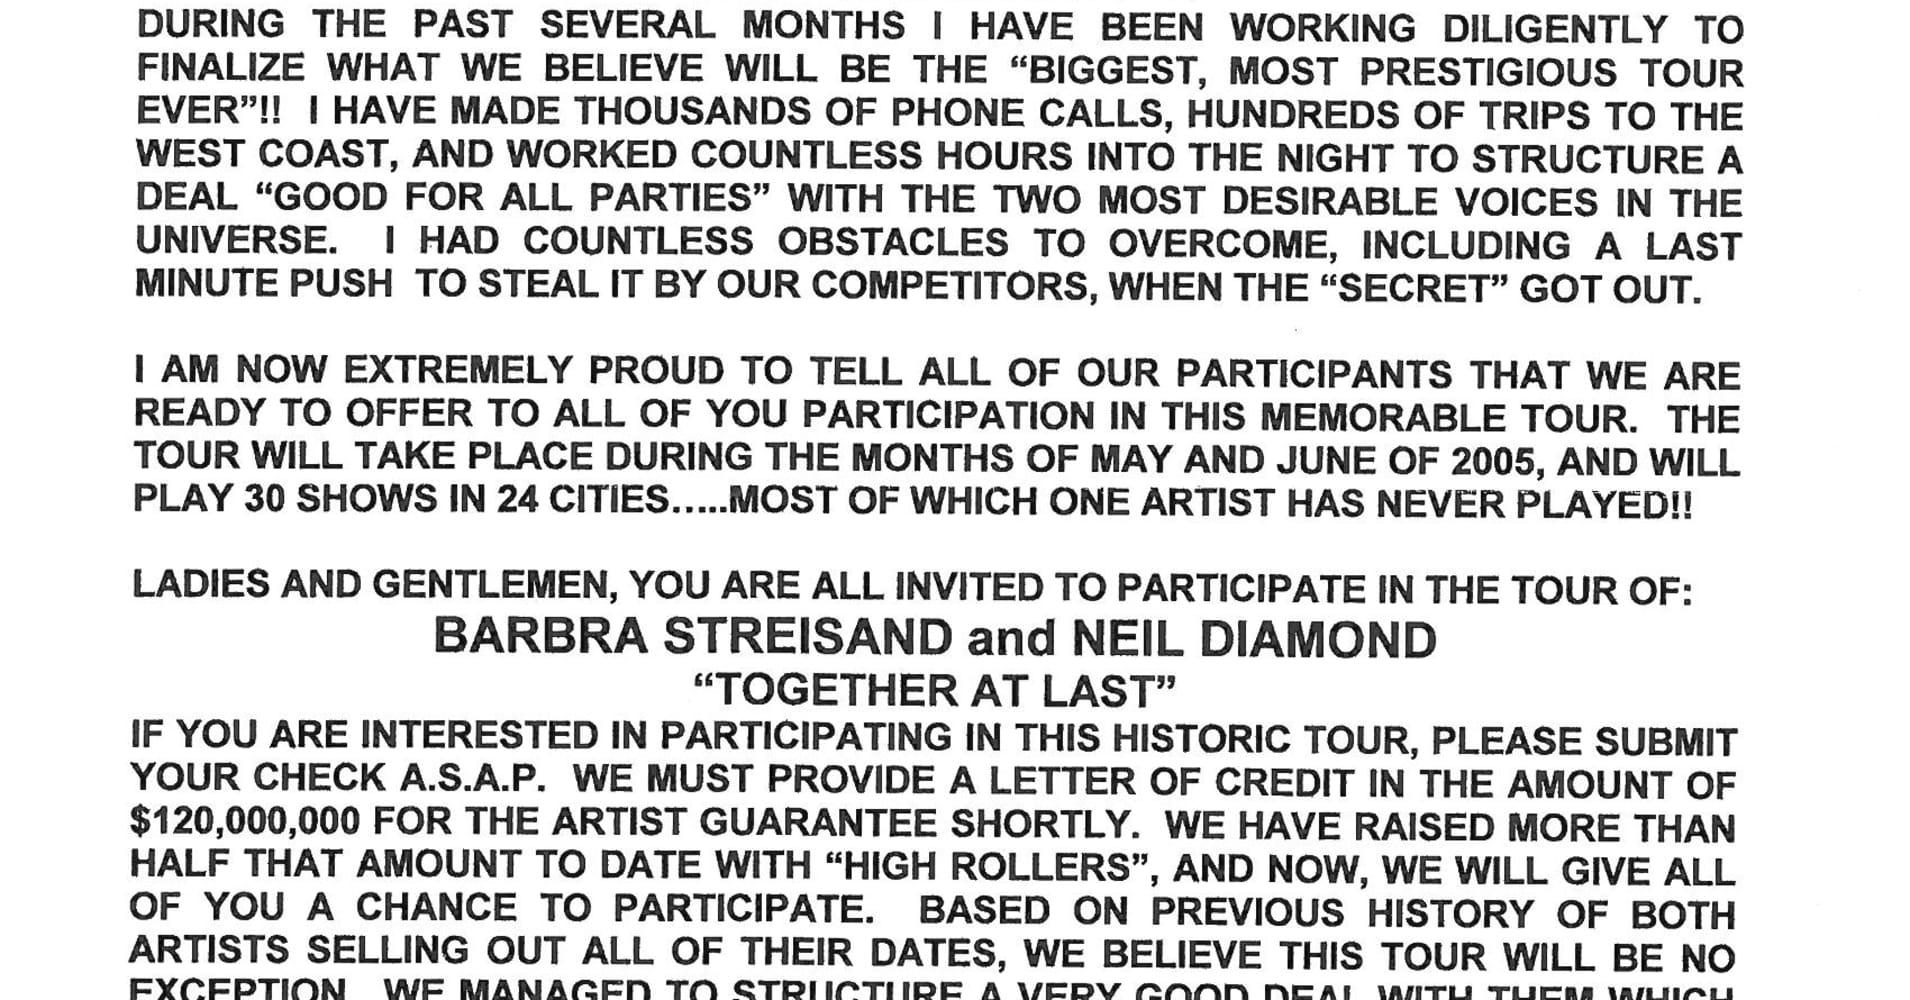 Tour announcement: $50,000 minimum